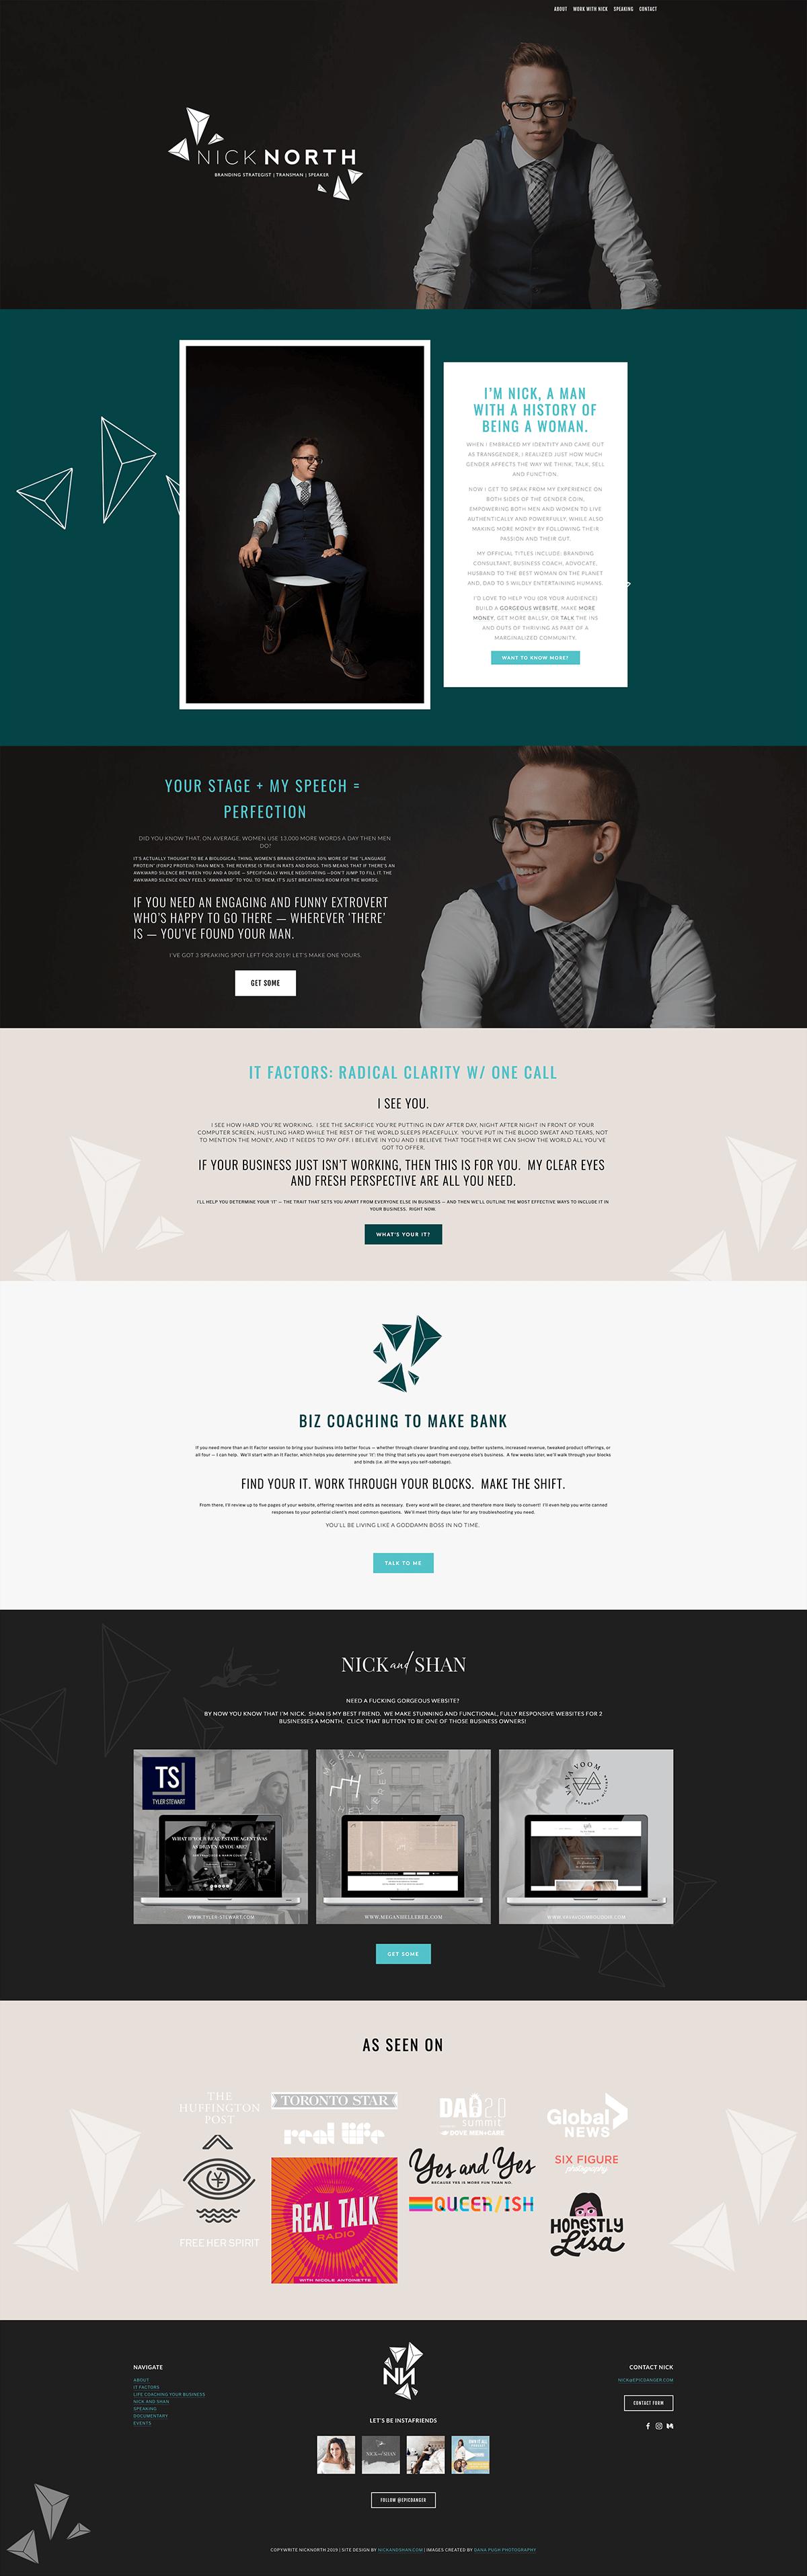 website-homepage-nicknorth-co.png